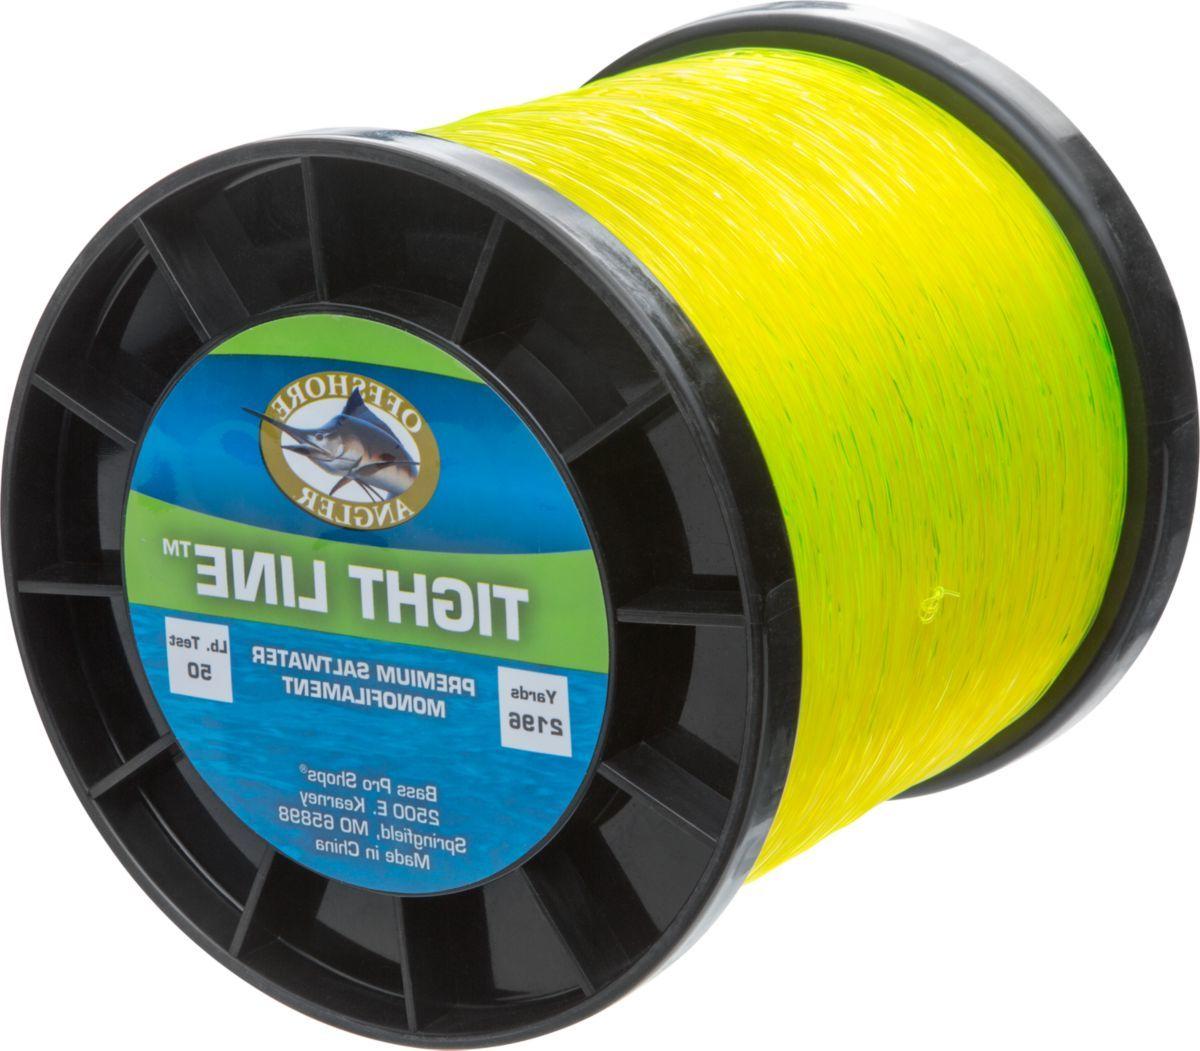 Offshore Angler™ Tight Line™ 2-lb. Spool Premium Monofilament Line